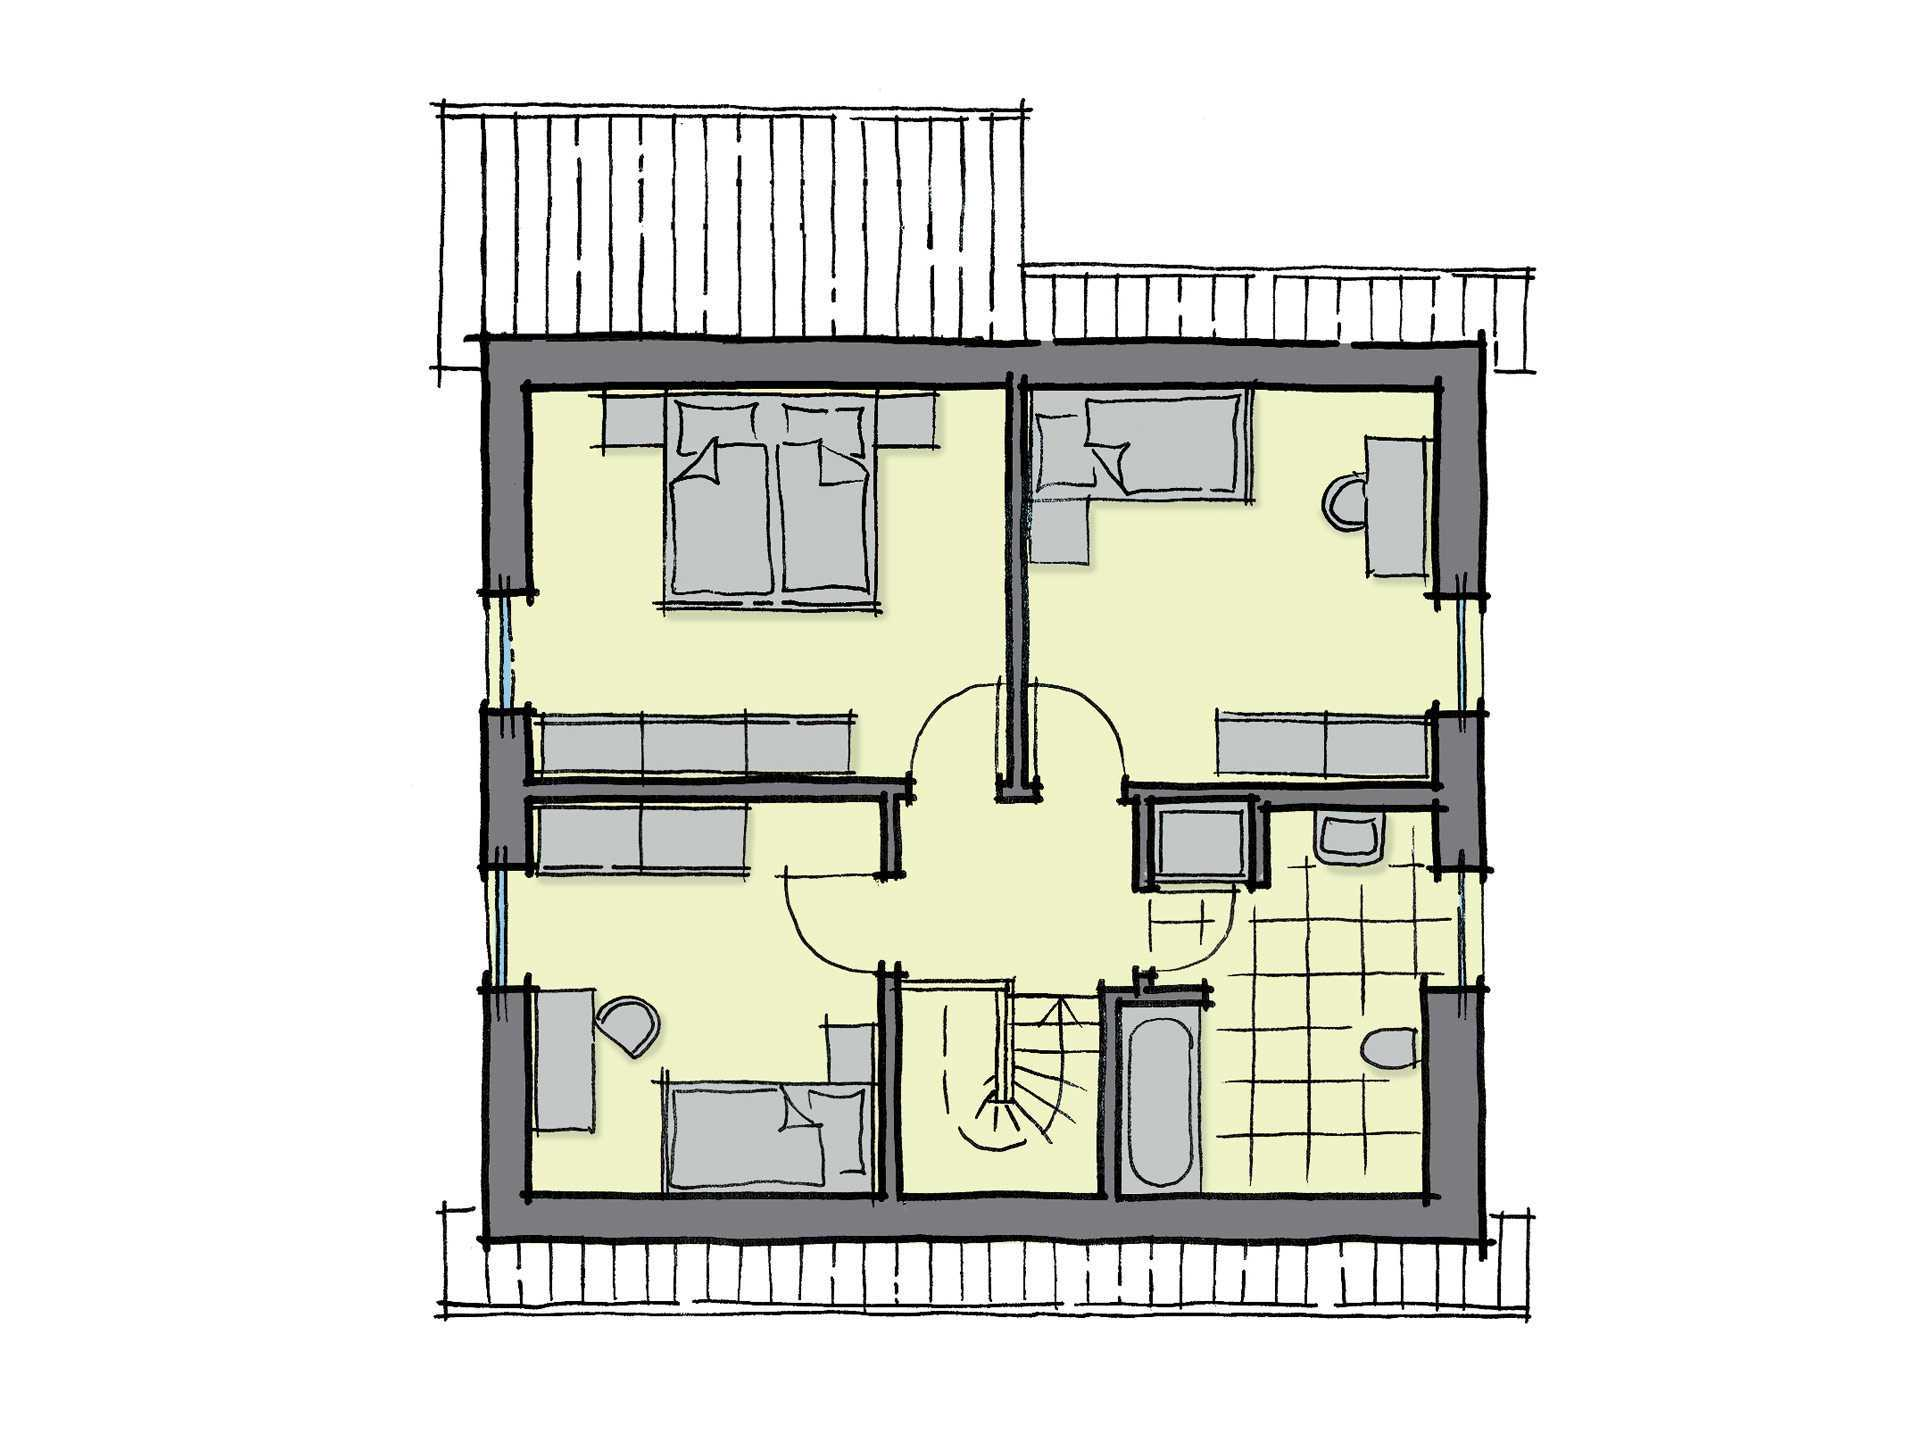 Kastanienallee Variante 1 - Ein Screenshot eines Videospiels - Gebäudeplan